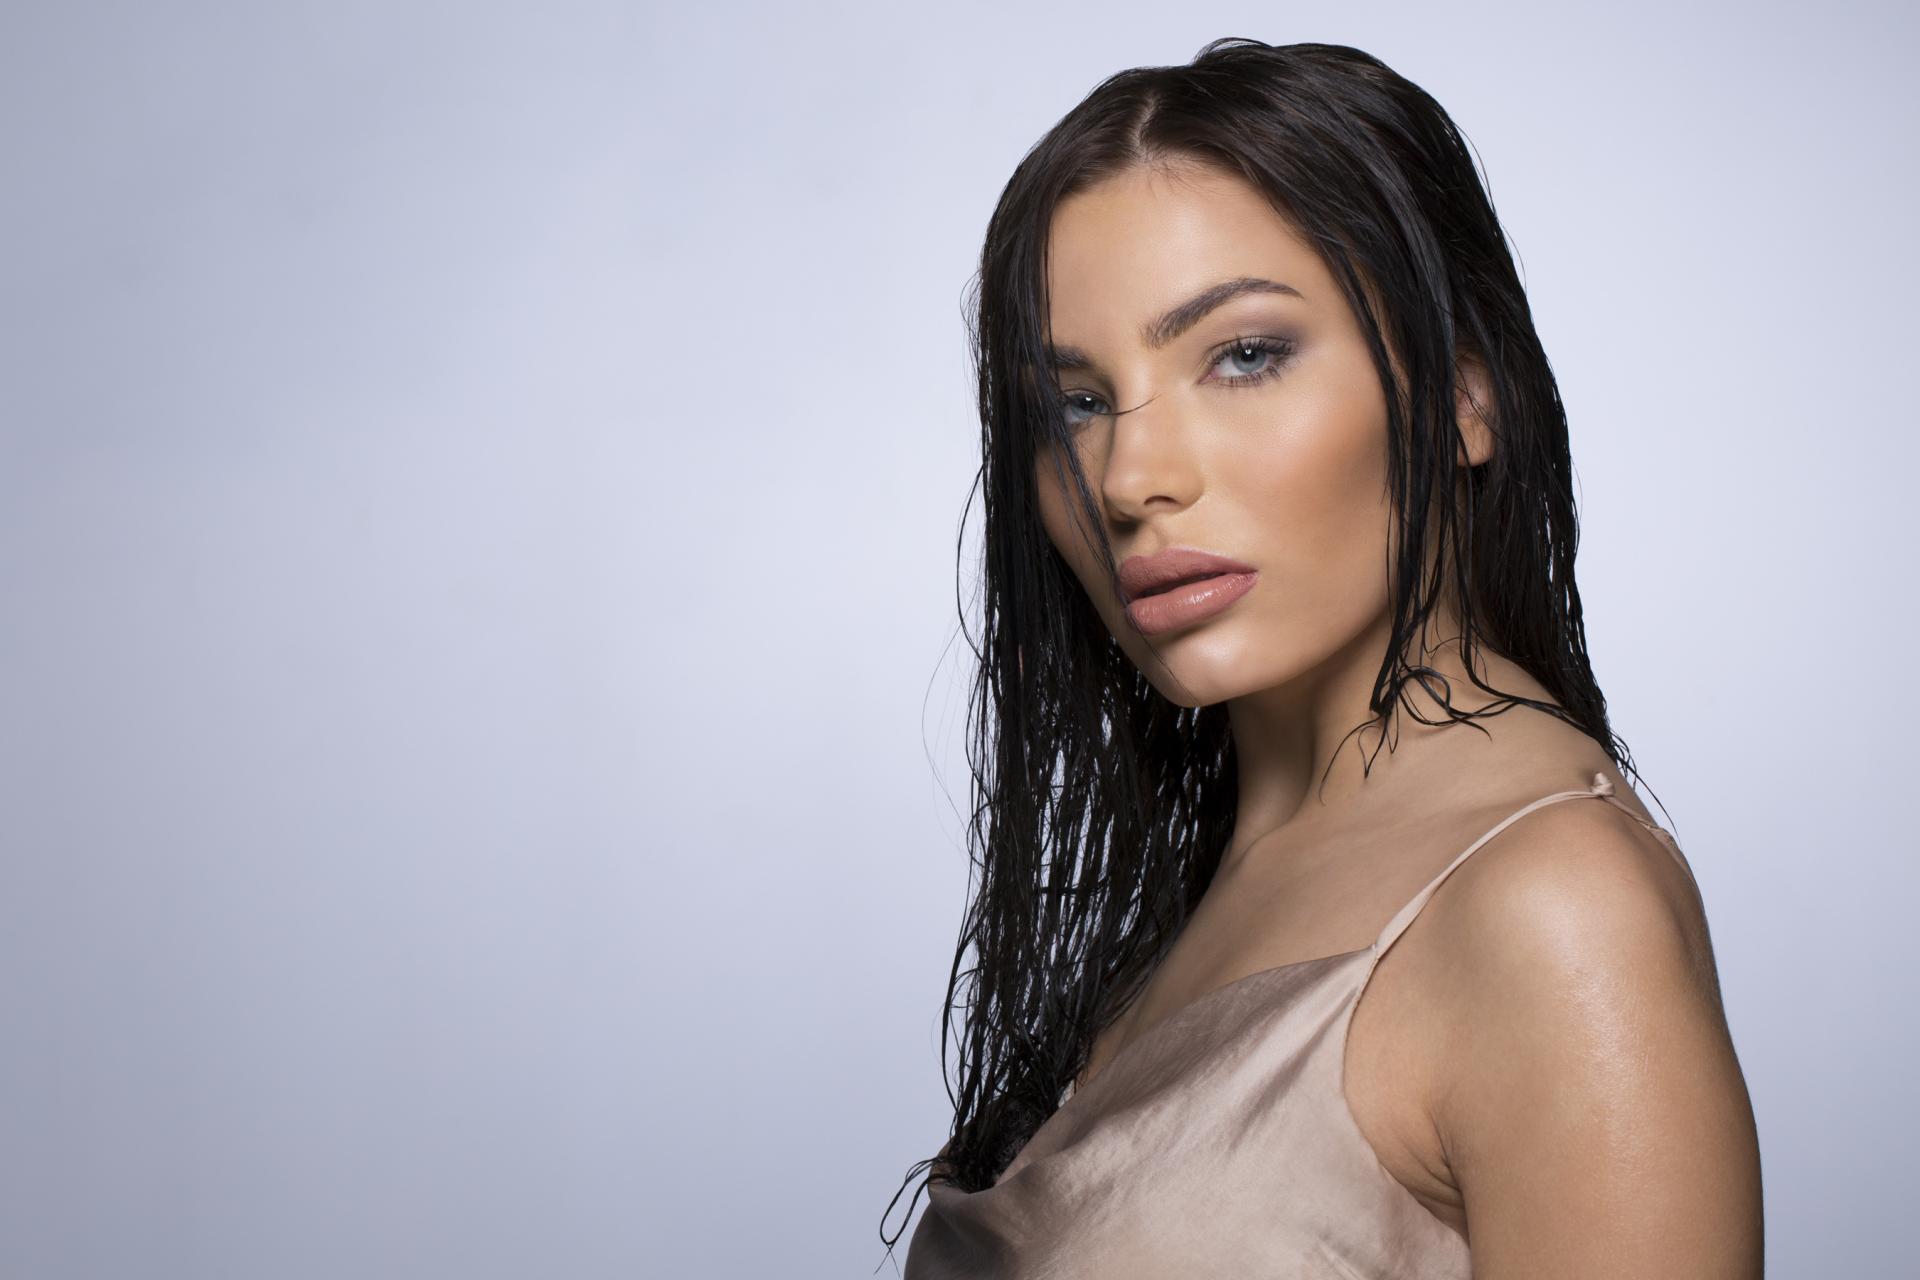 Joshua Francis Beauty Photography